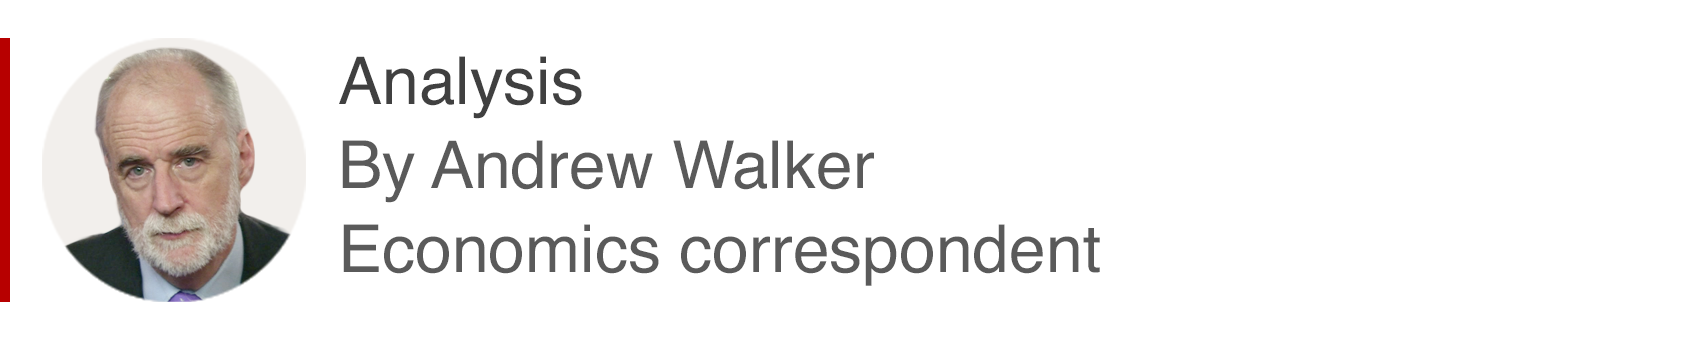 Analysis box by Andrew Walker, Economics correspondent